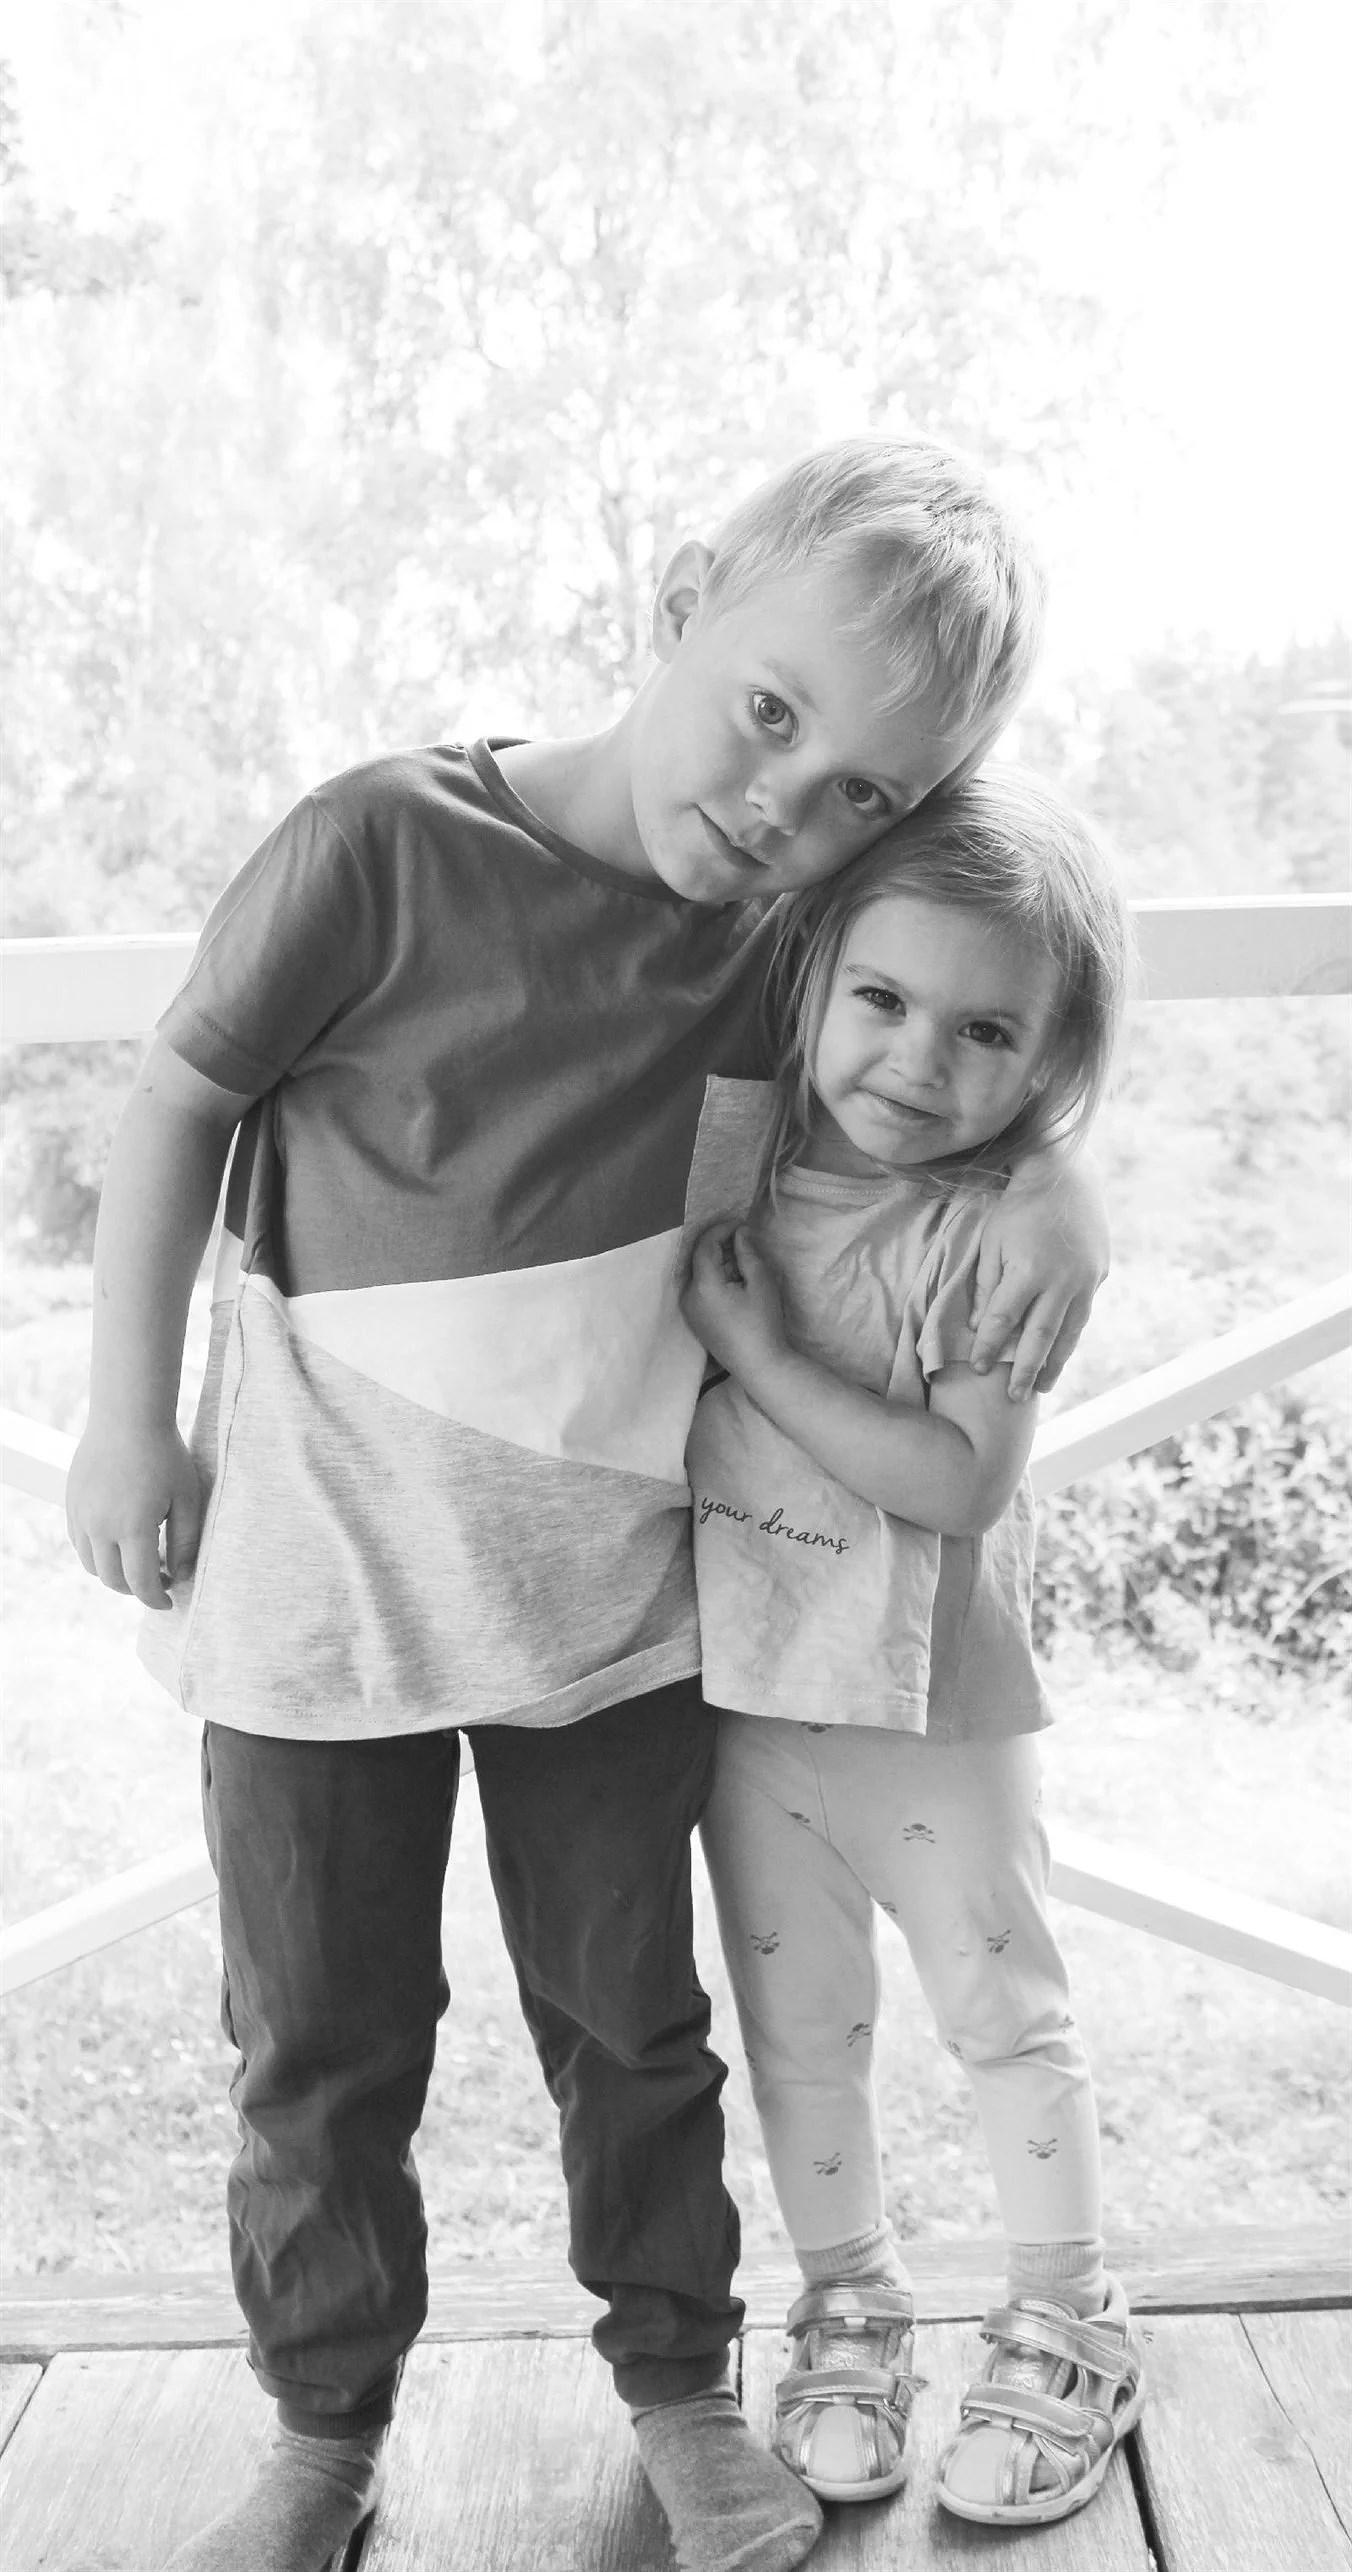 Det sötaste småfolket som finns